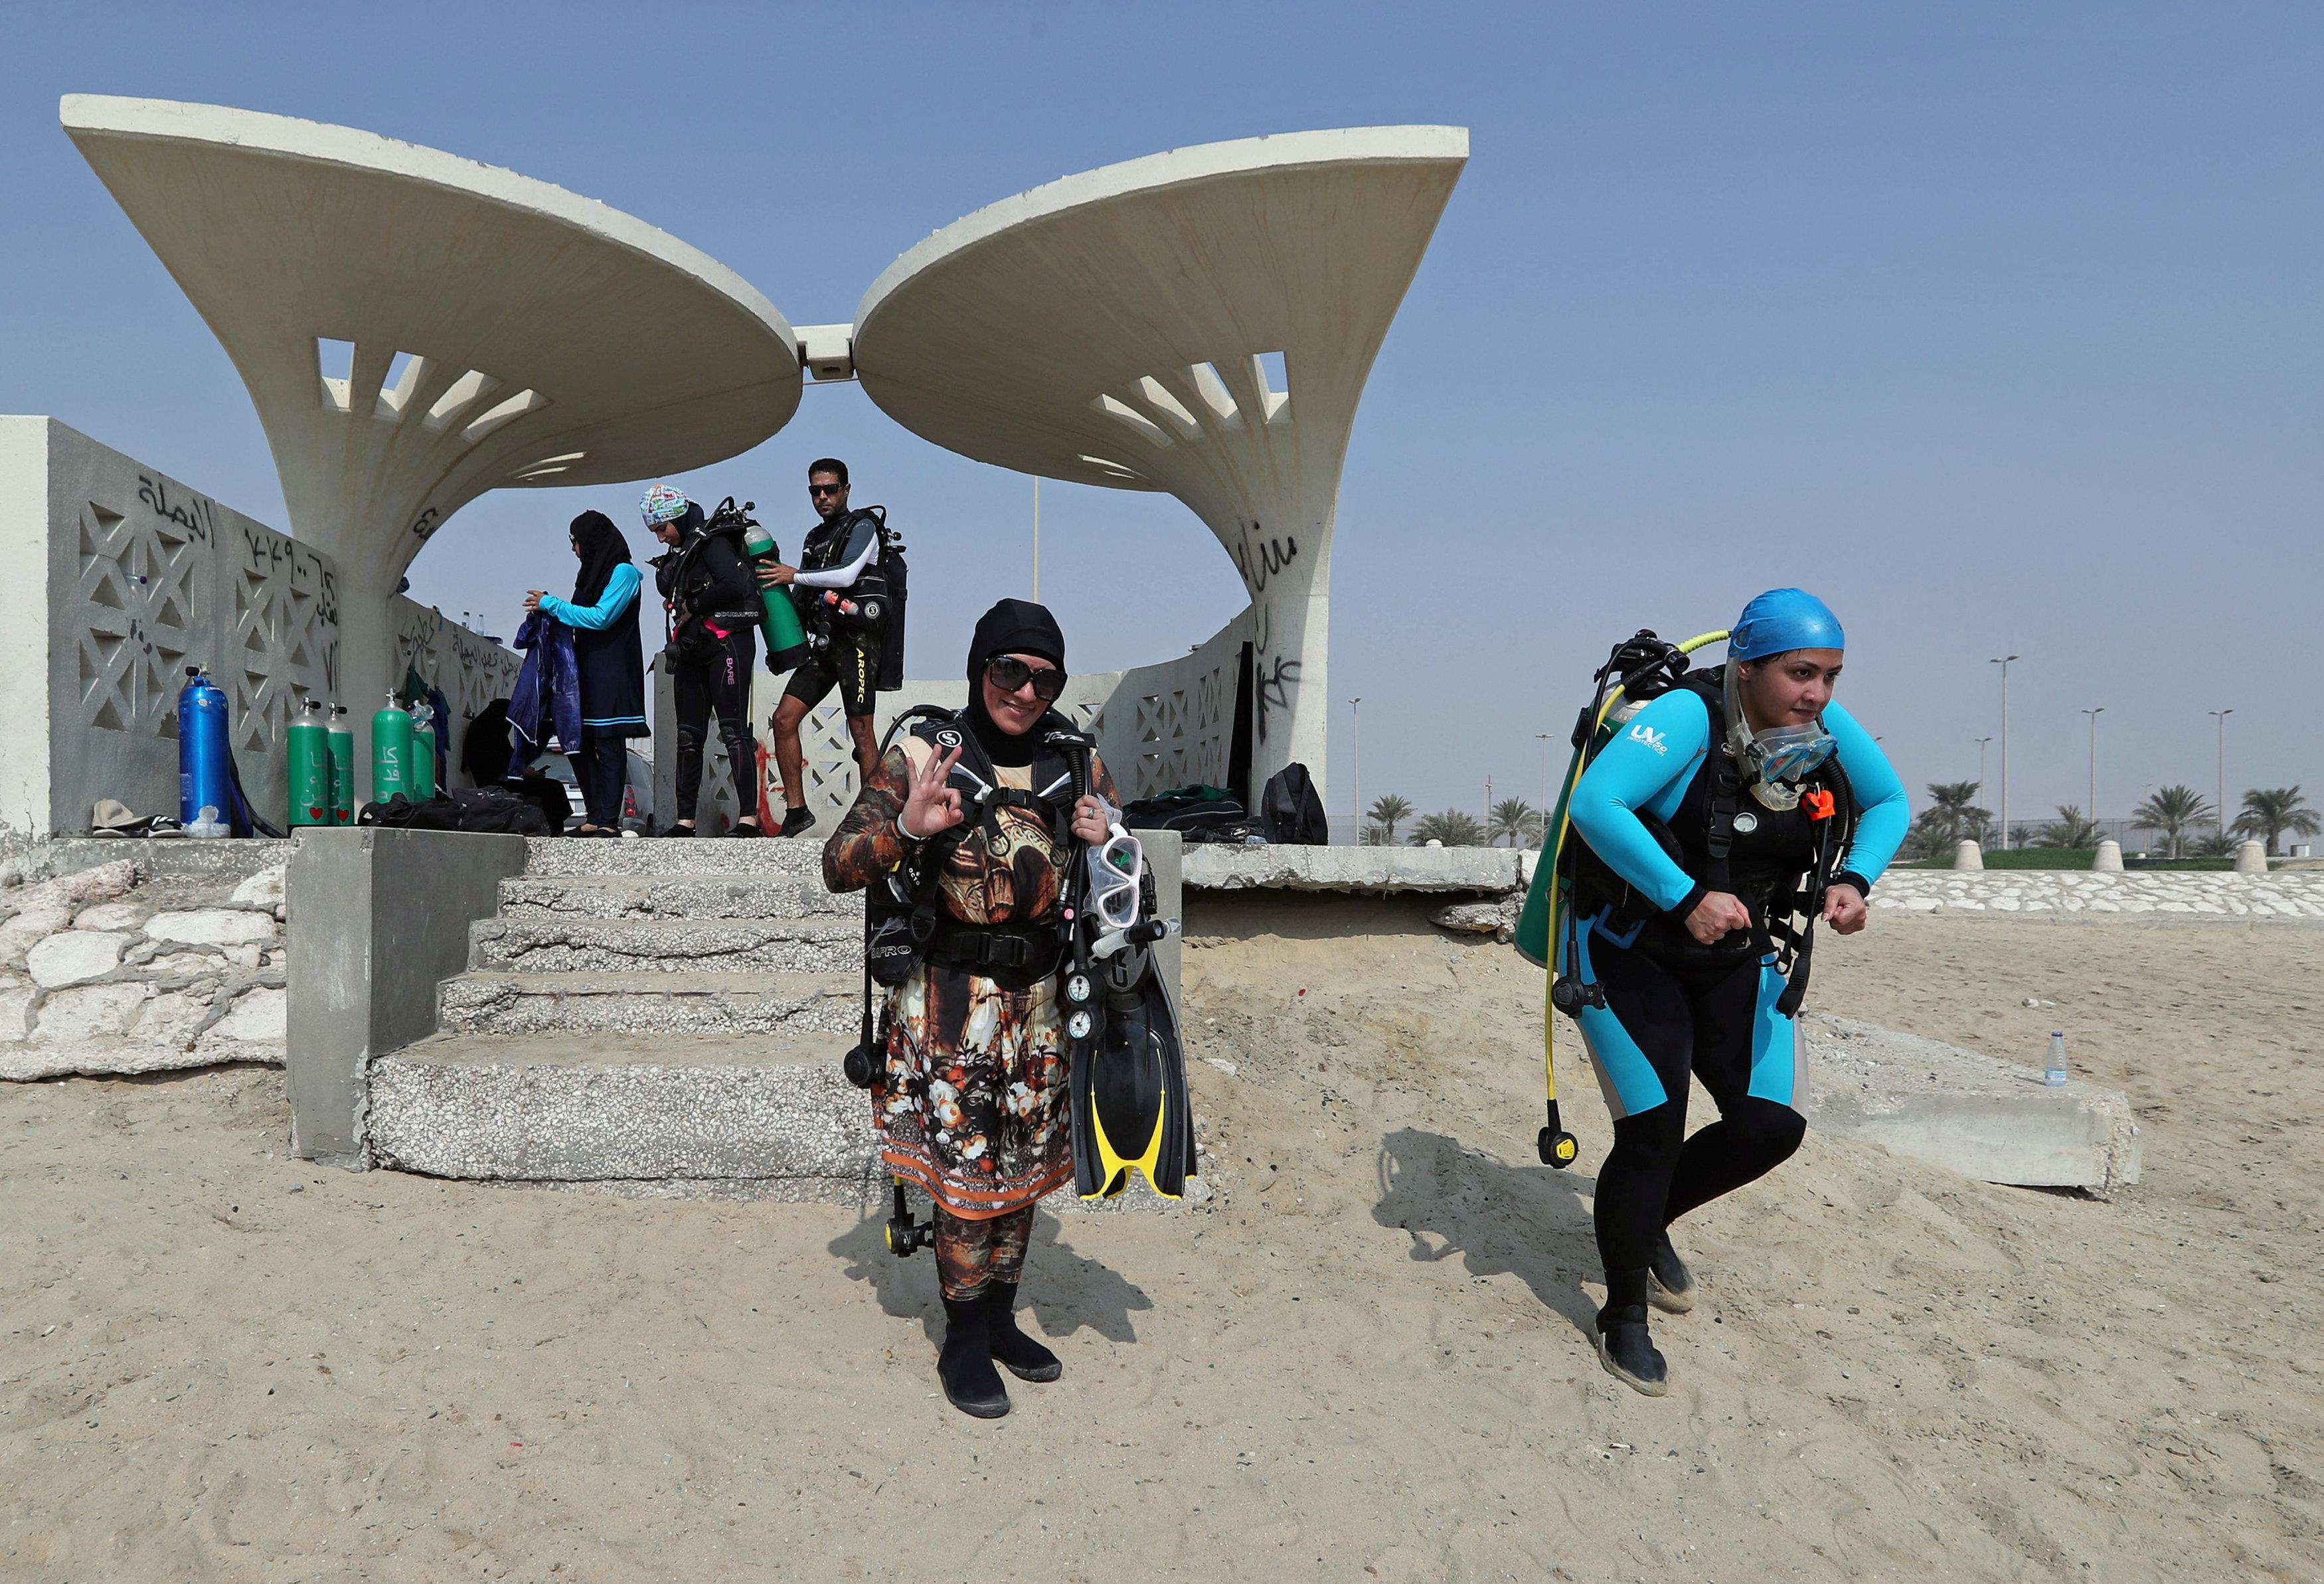 نساء سعوديات يتدربن على رياضة الغطس (2)